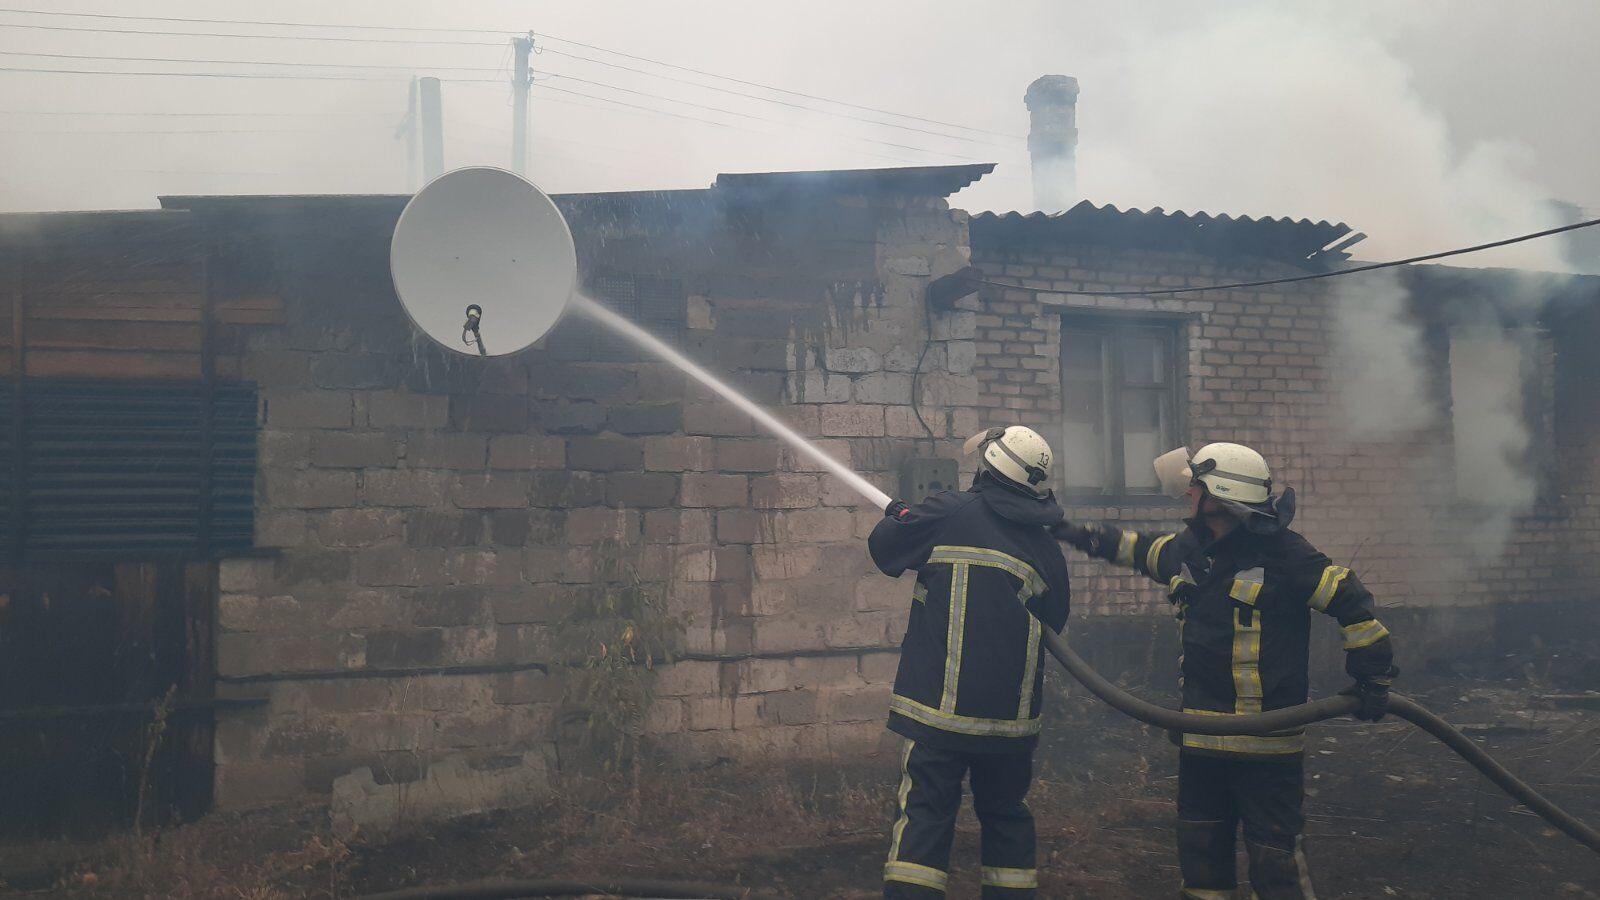 Спасатели эвакуировали из зоны огненной стихии 120 человек.